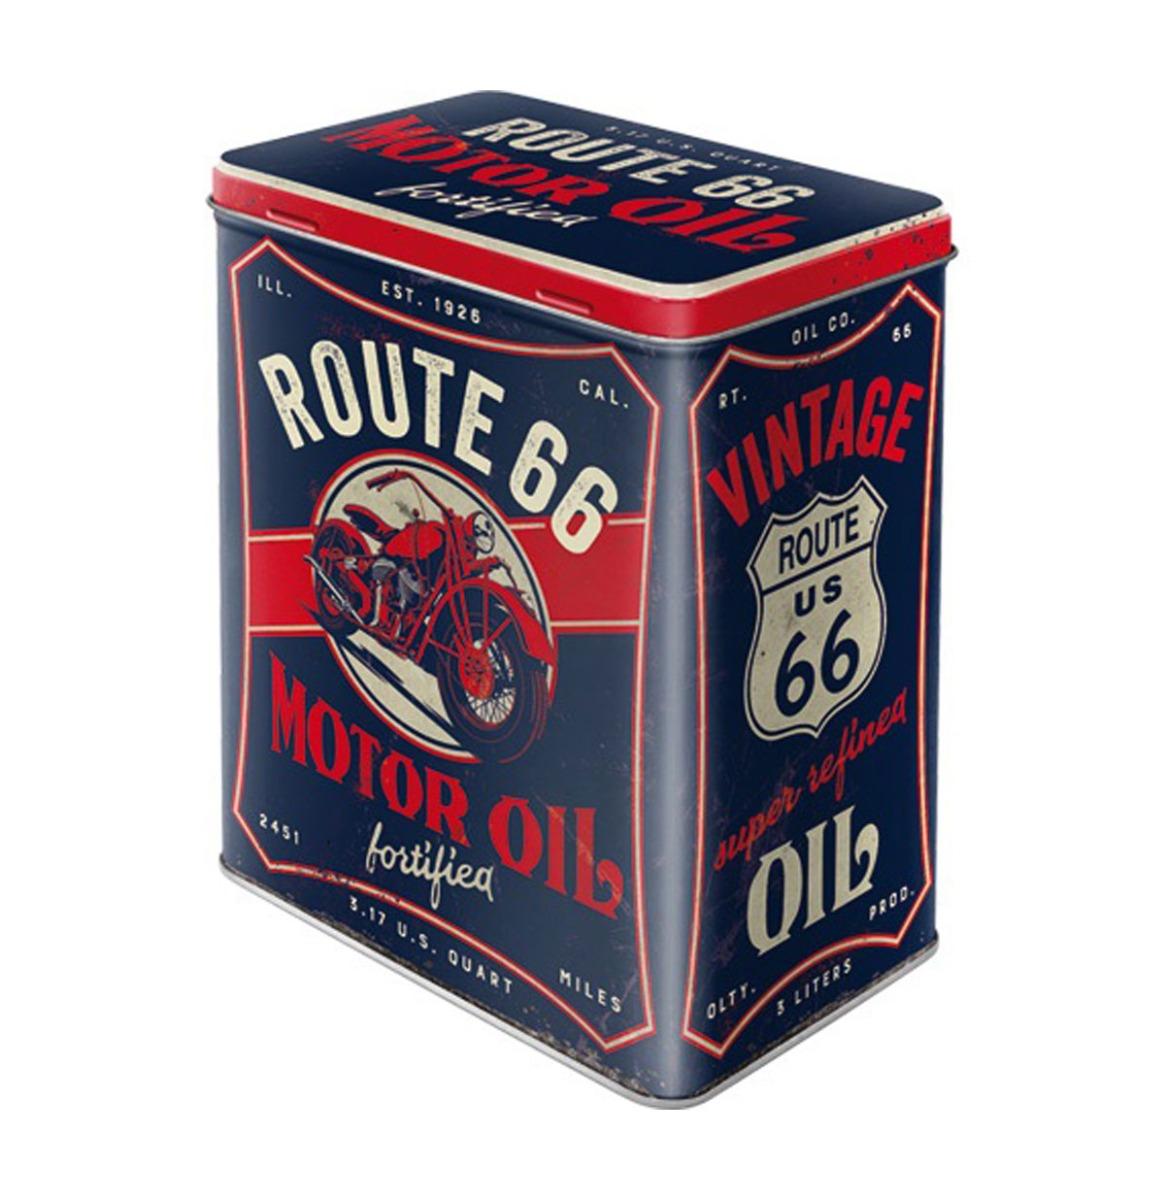 Tinnen blik Route 66 Motor Oil